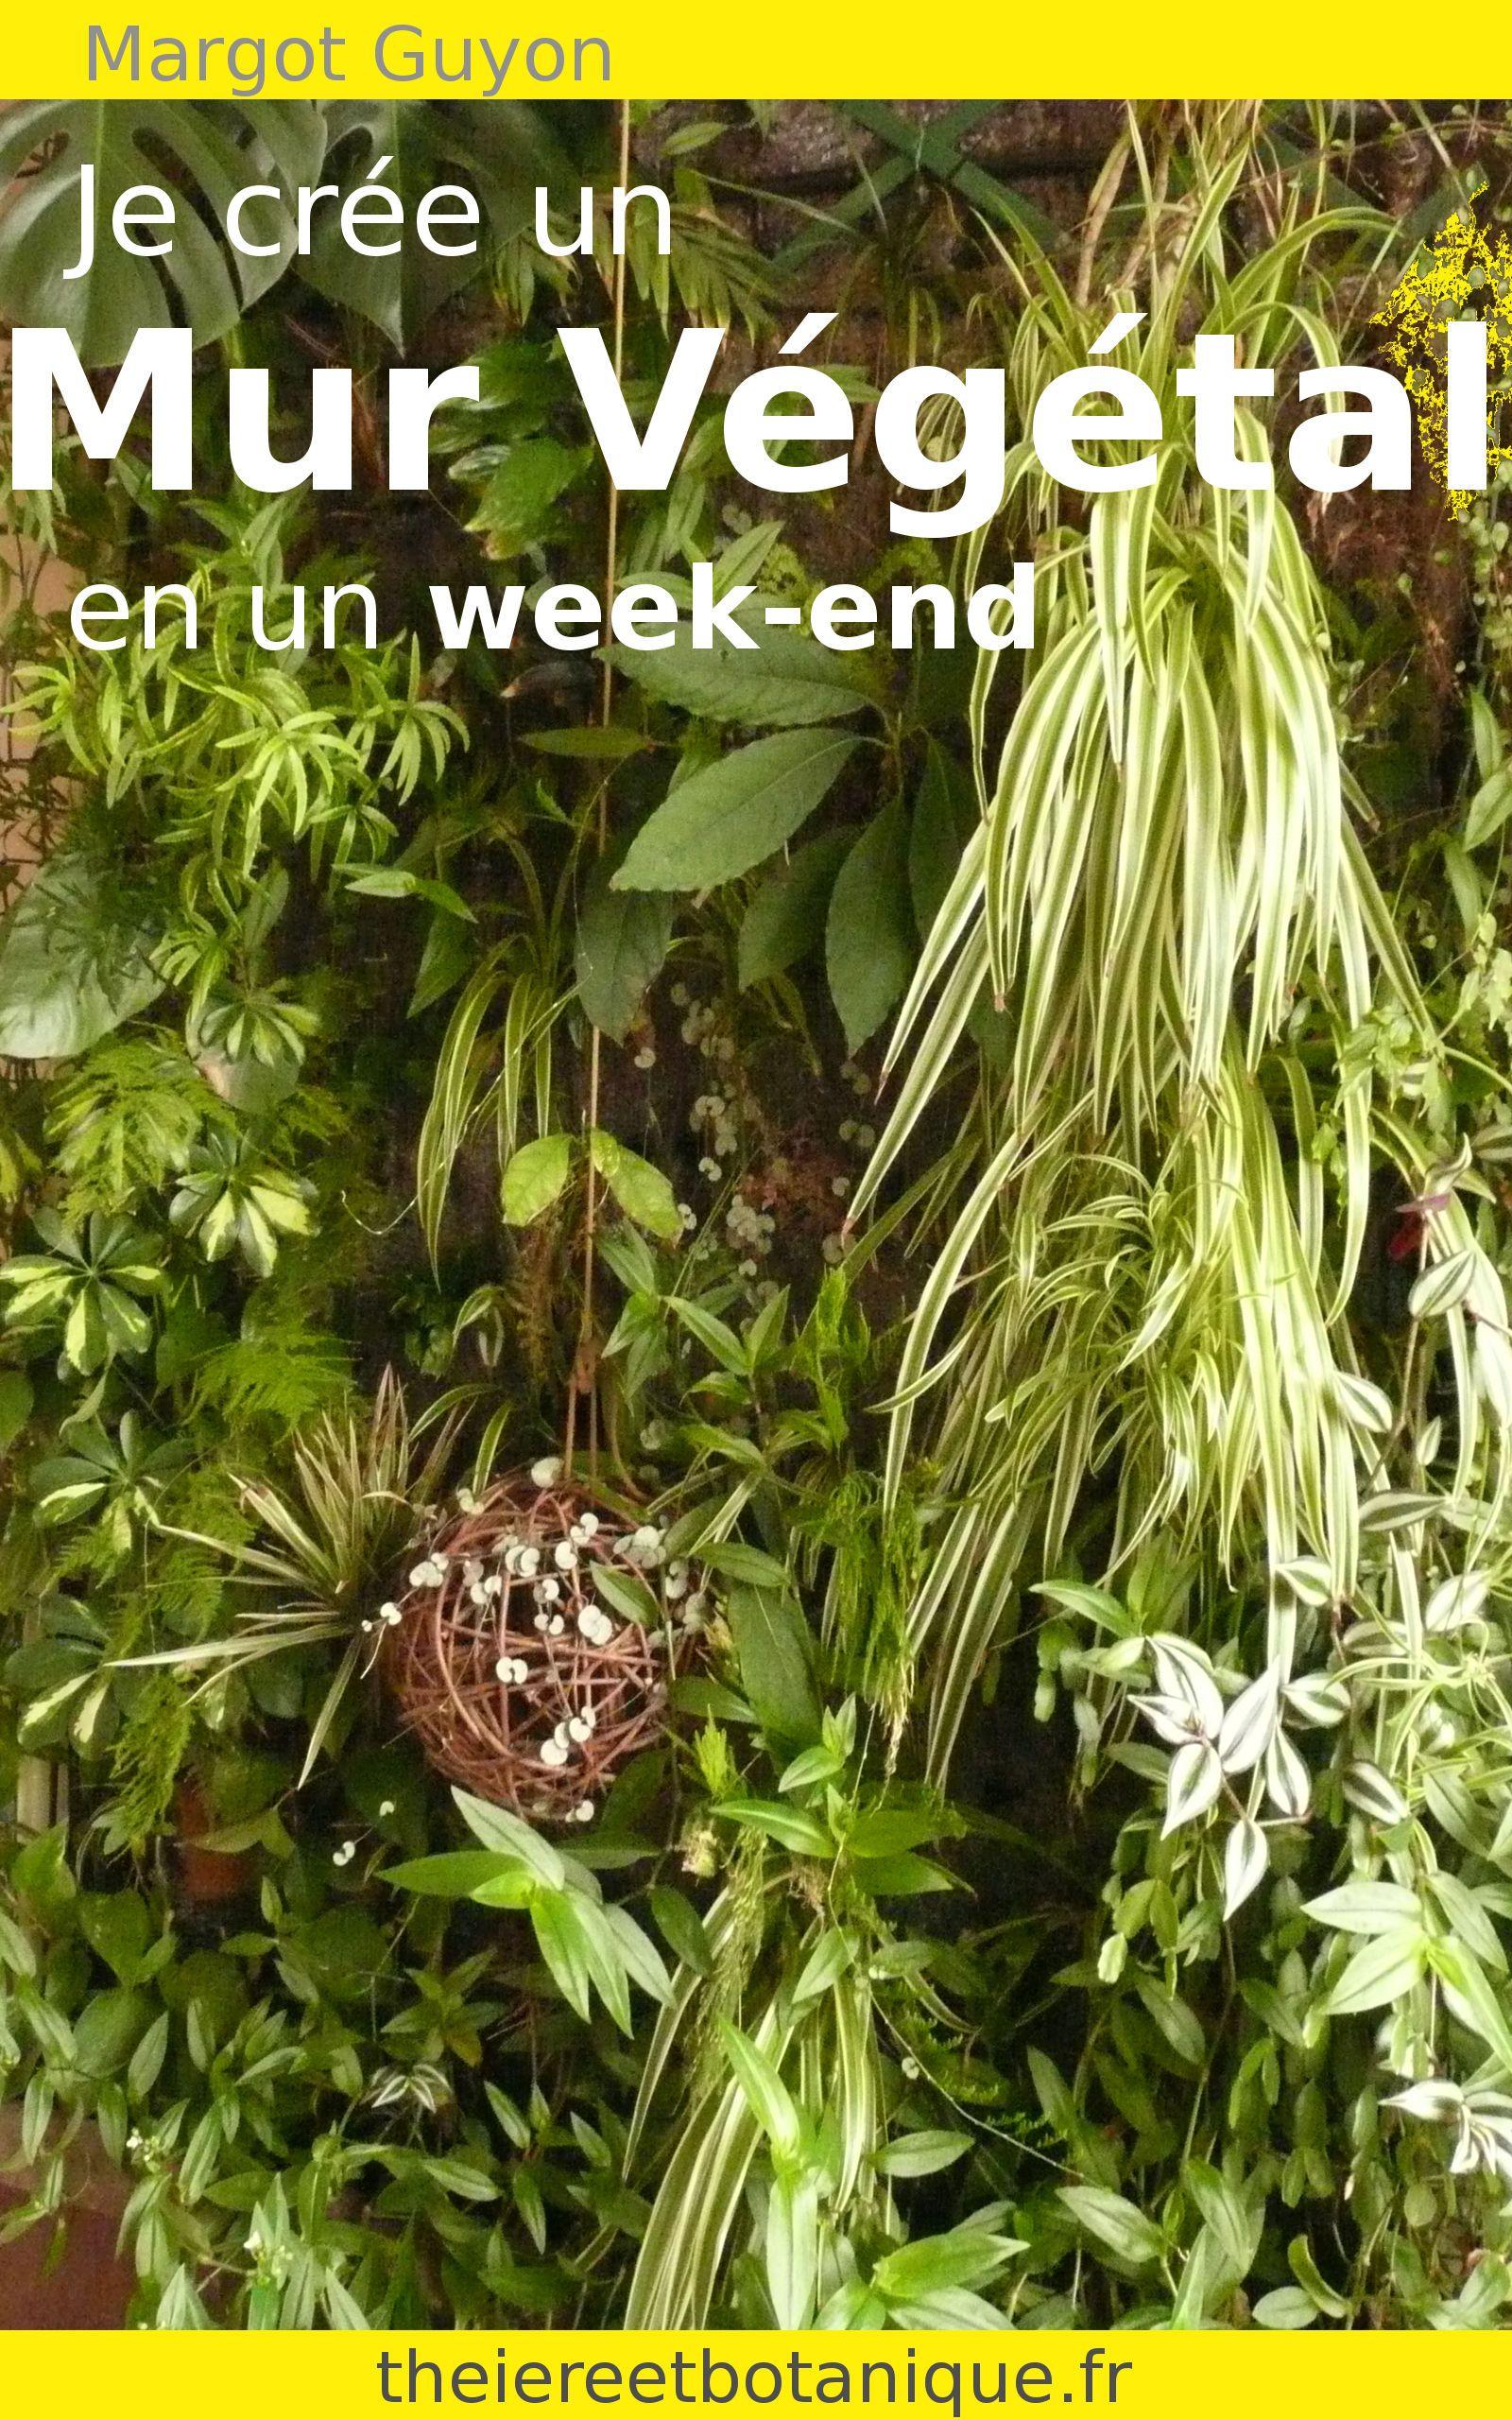 Les 25 meilleures id es de la cat gorie mur vegetal sur for Plante decorative exterieure